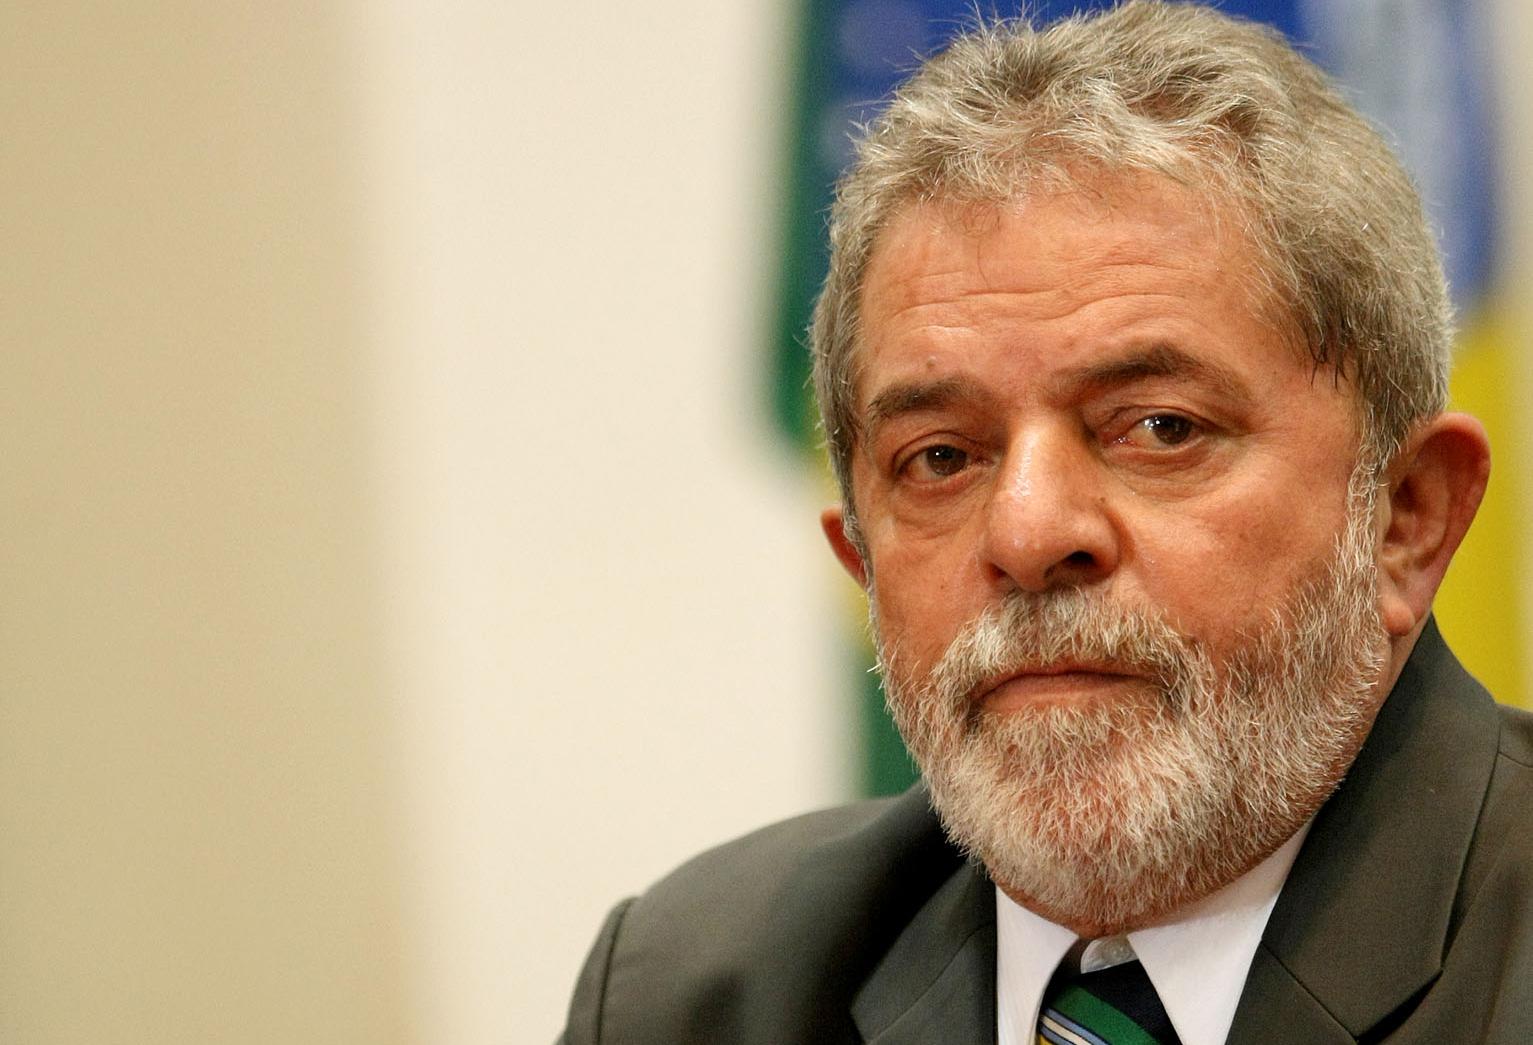 Unidad anticorrupción tiene 90 días para decidir si investigan a Lula por tráfico de influencias